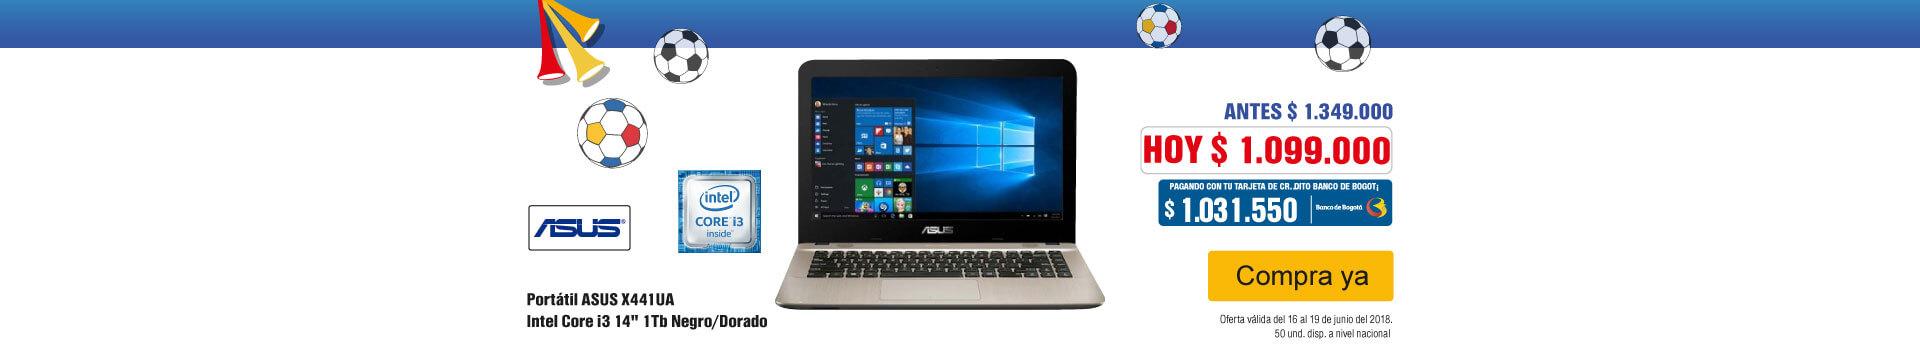 AK-KT-BCAT-1-computadores y tablets-portatiles-PP---Asus-X441UA-Jun16